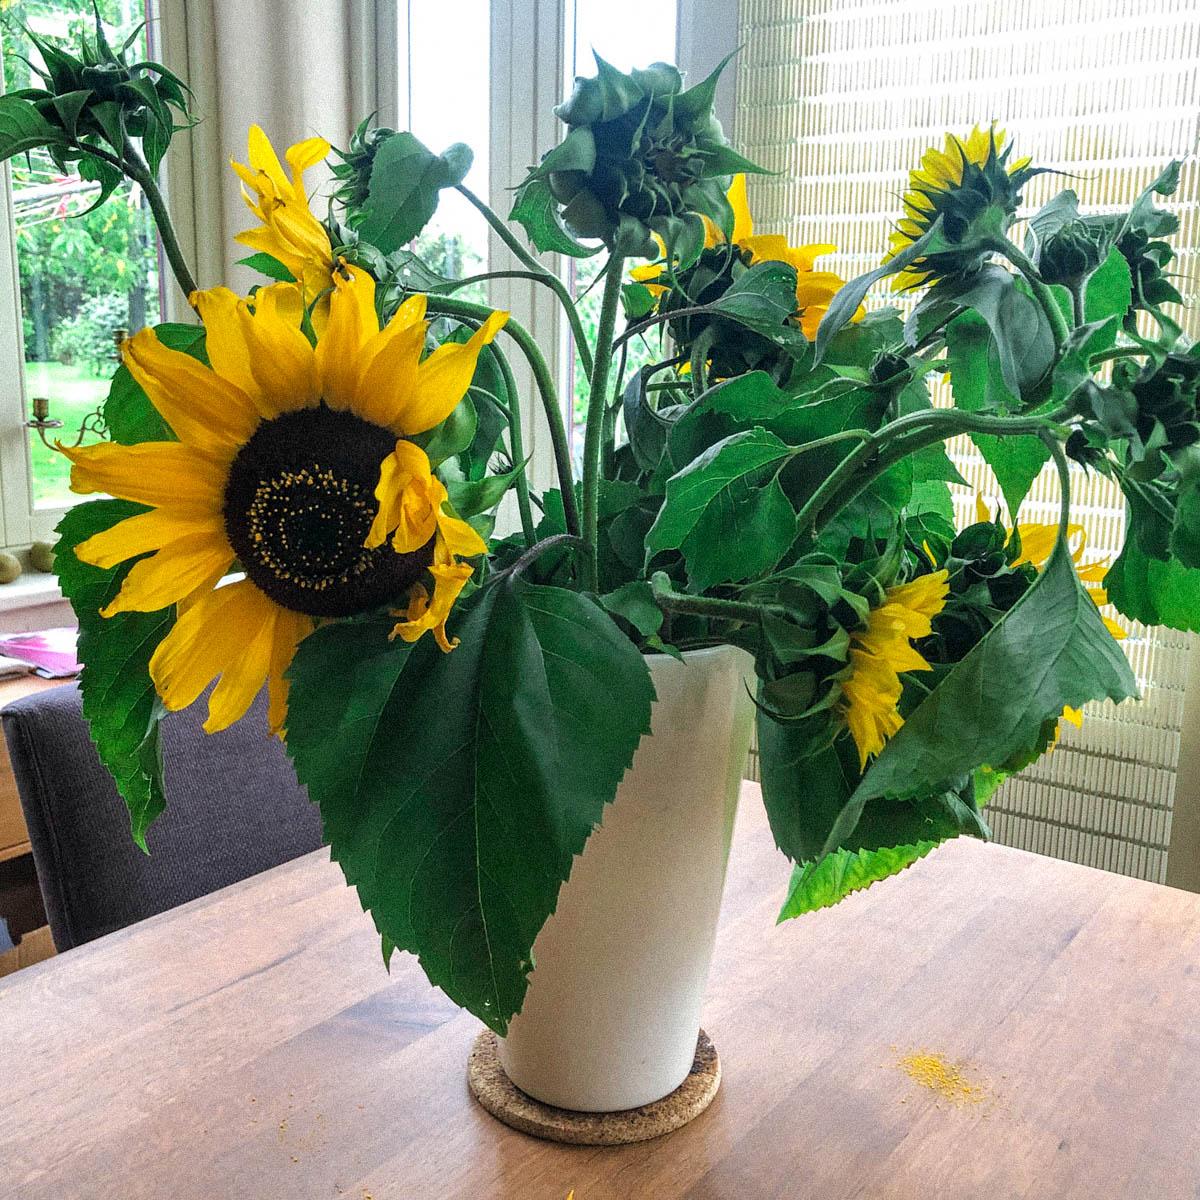 Zet zonnebloemen in een laagje heet water